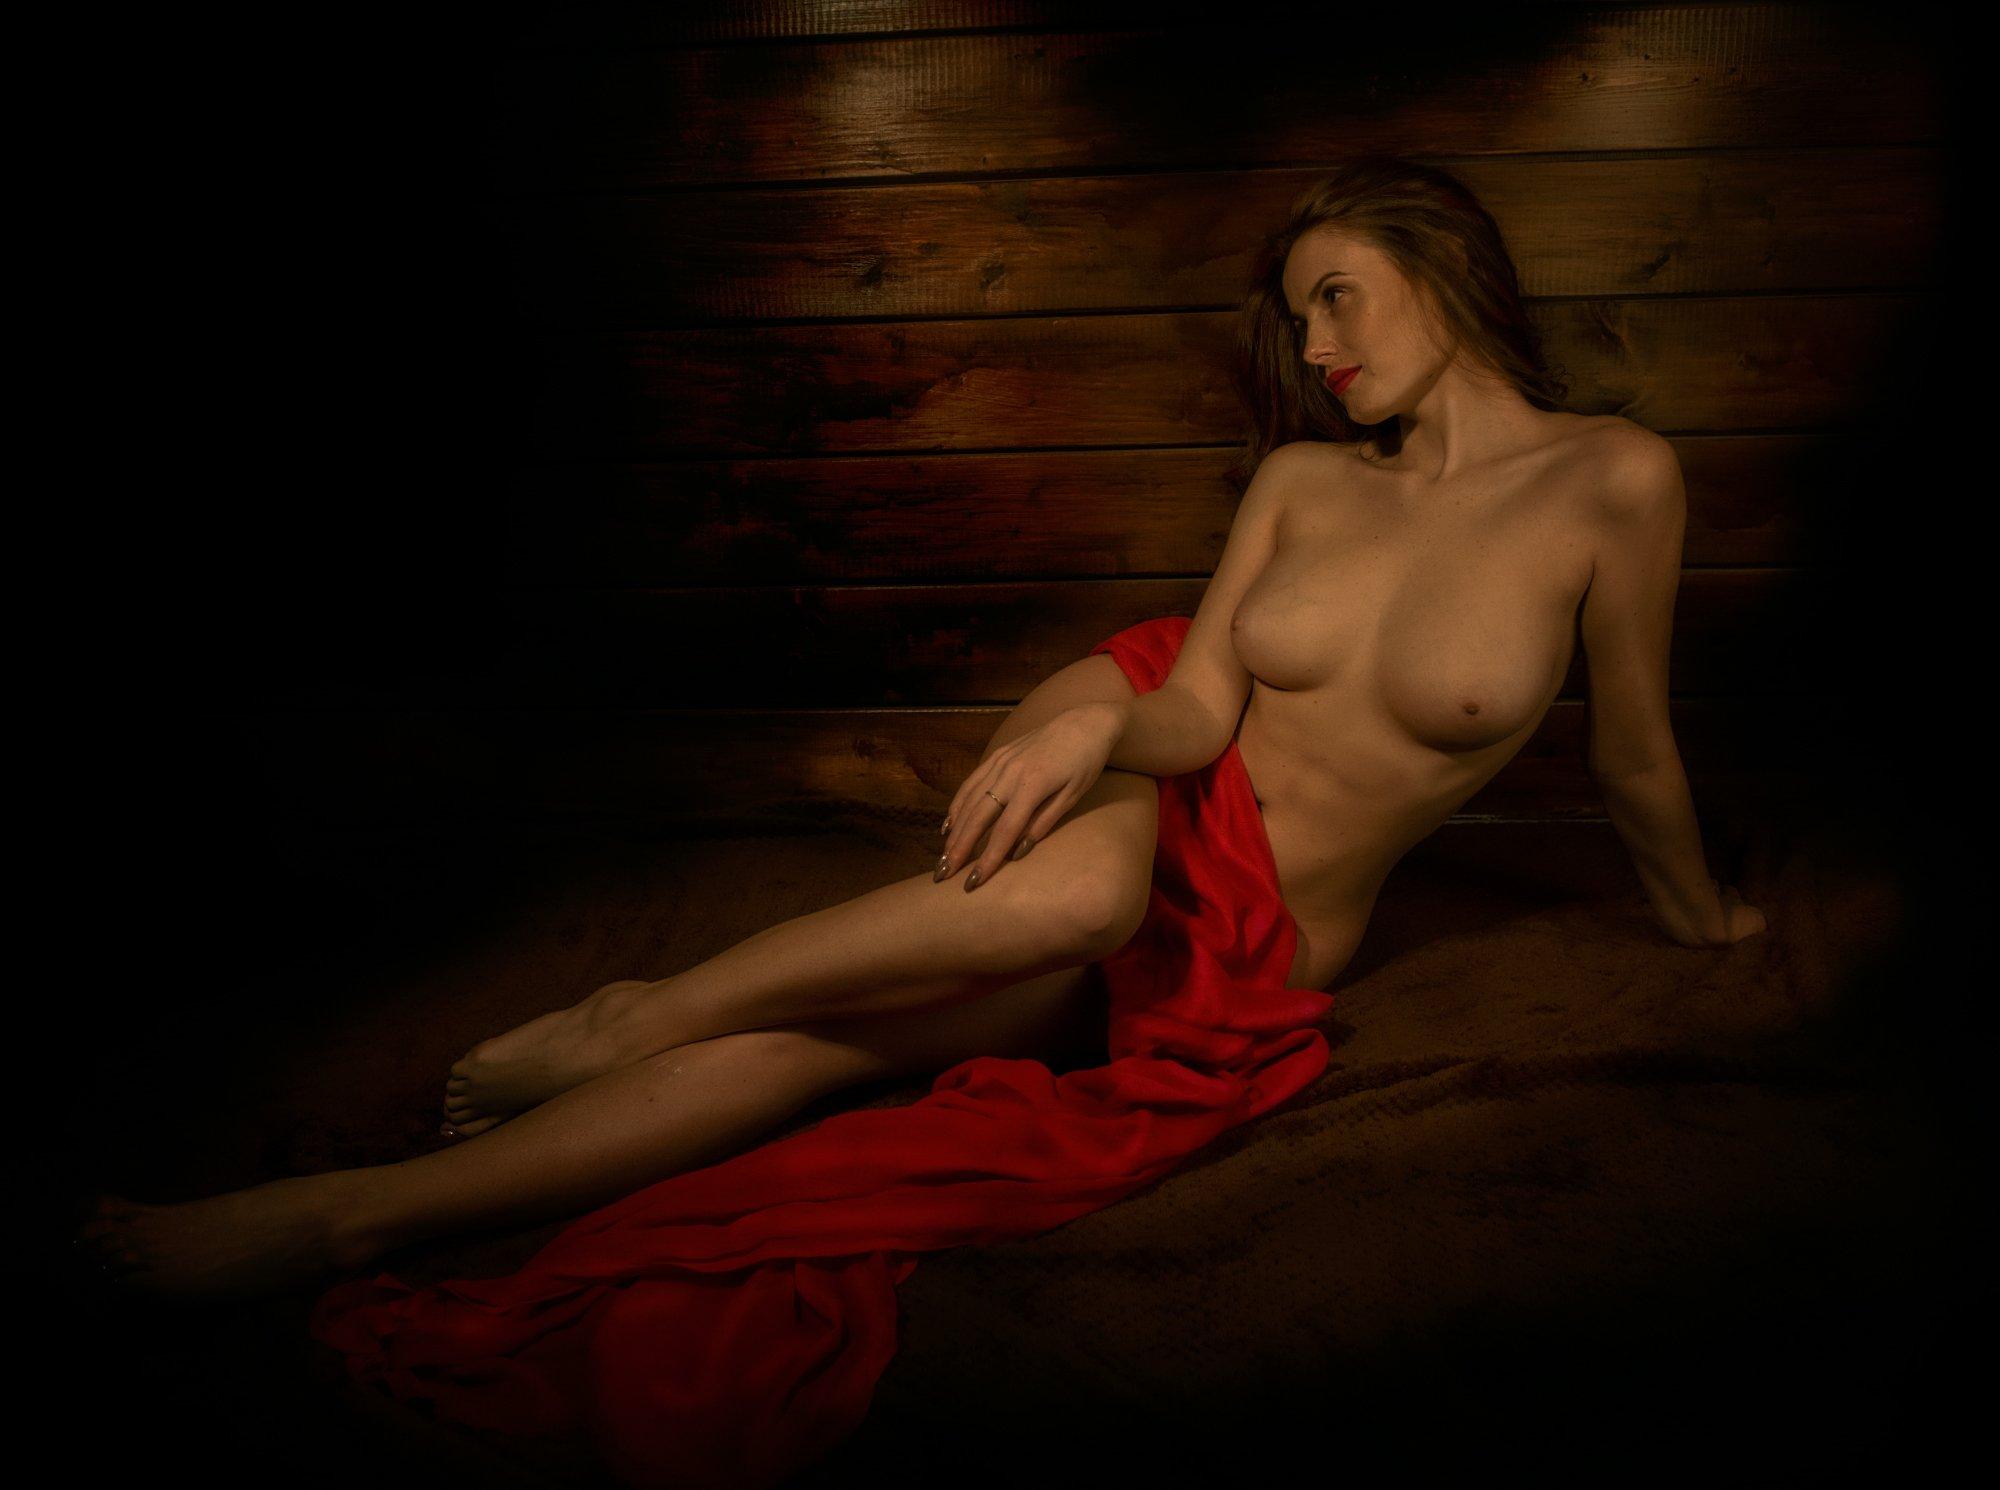 девушка ню портрет ткань красная грудь картина, Андрей Володин